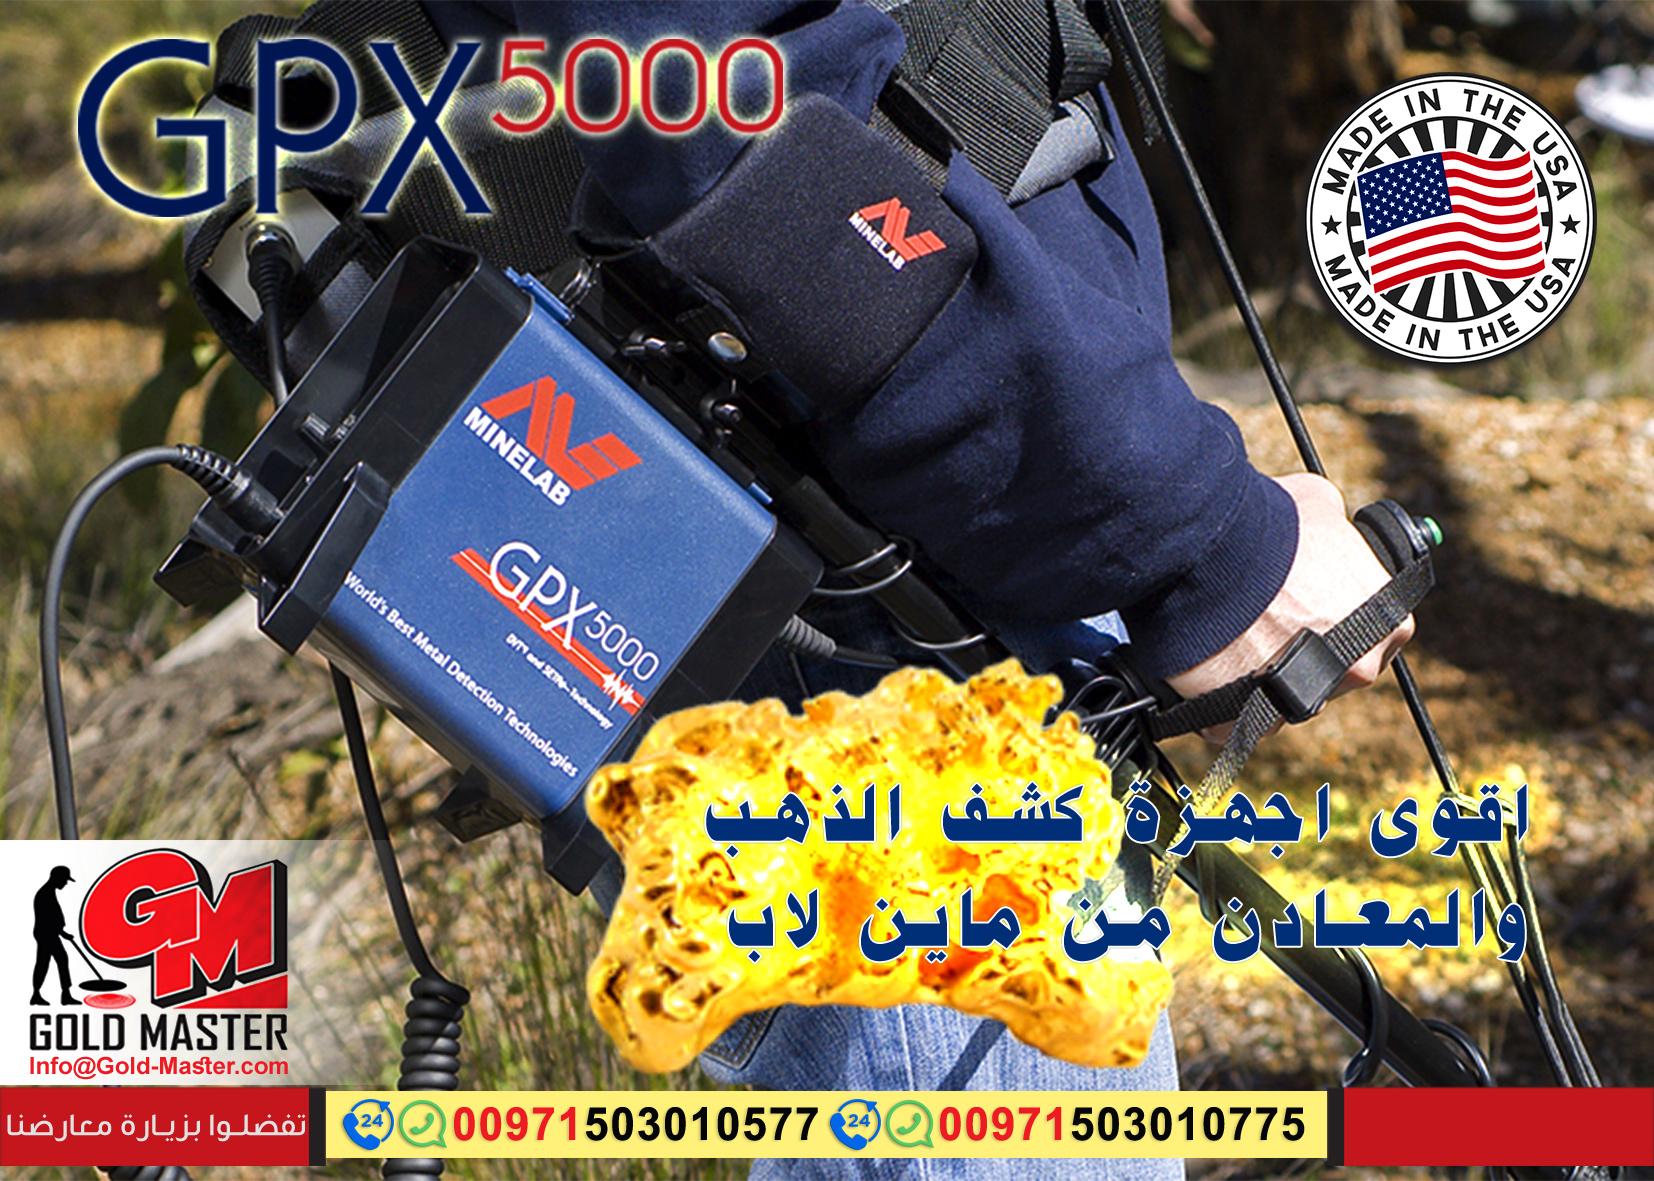 جي بي اكس 5000